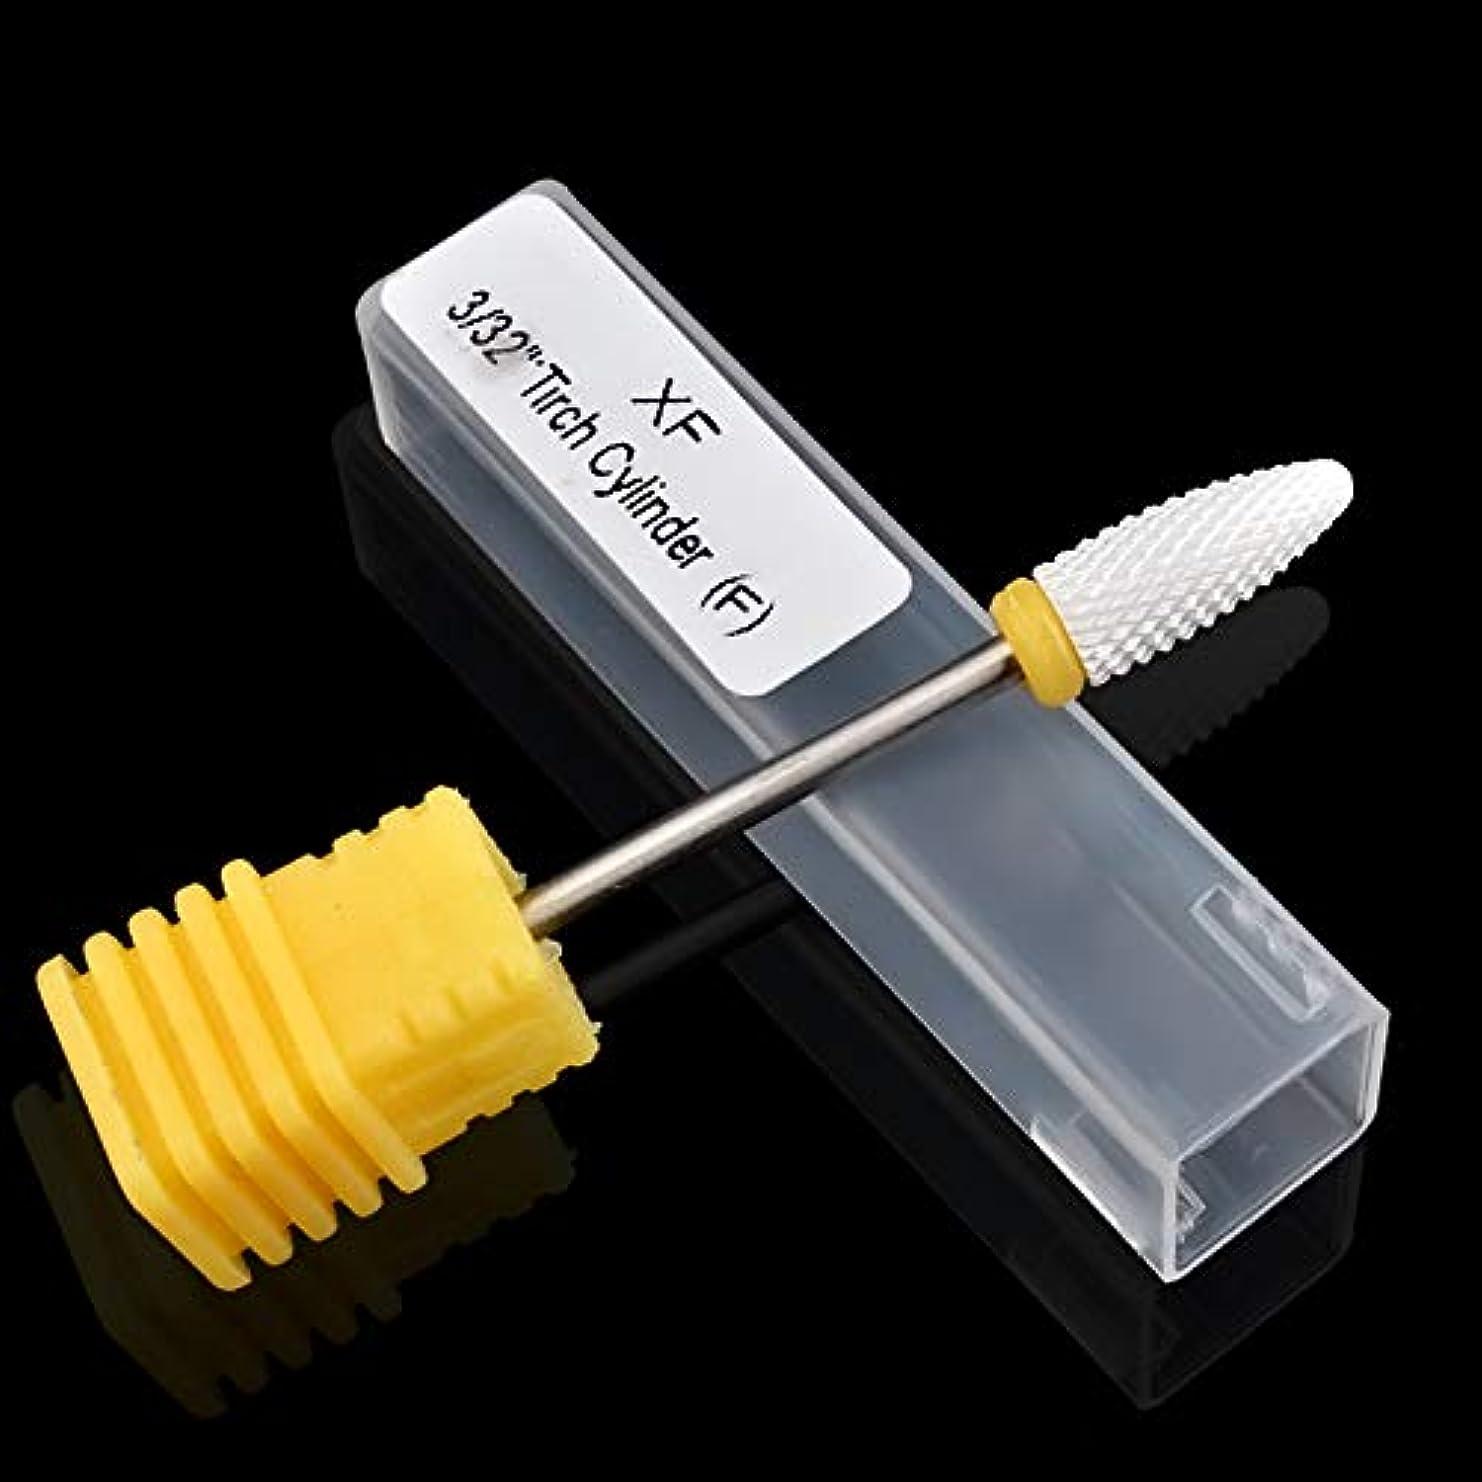 アラバマ変色する程度CELINEZL CELINEZLネイルセラミック円筒コーン型電力研削ヘッド、サイズ:49 * 6 mm(ブラック) (色 : 黄)